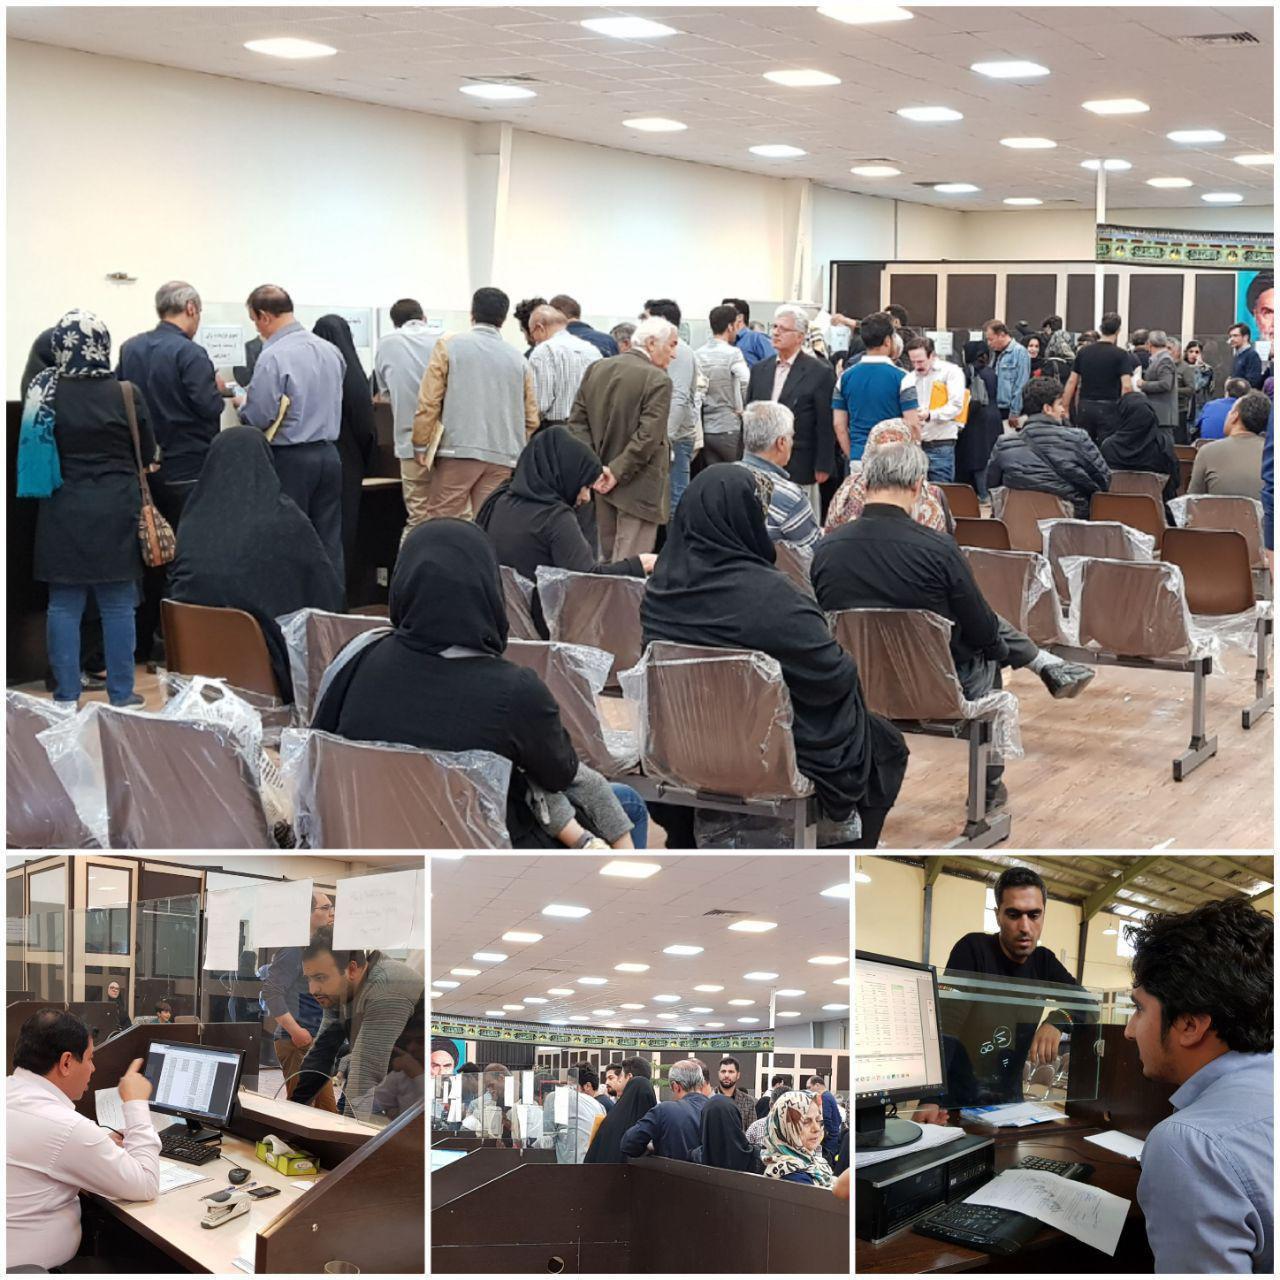 پالایش نیروهای کارگزاری مسکن مهر در راستای تکریم ارباب رجوع